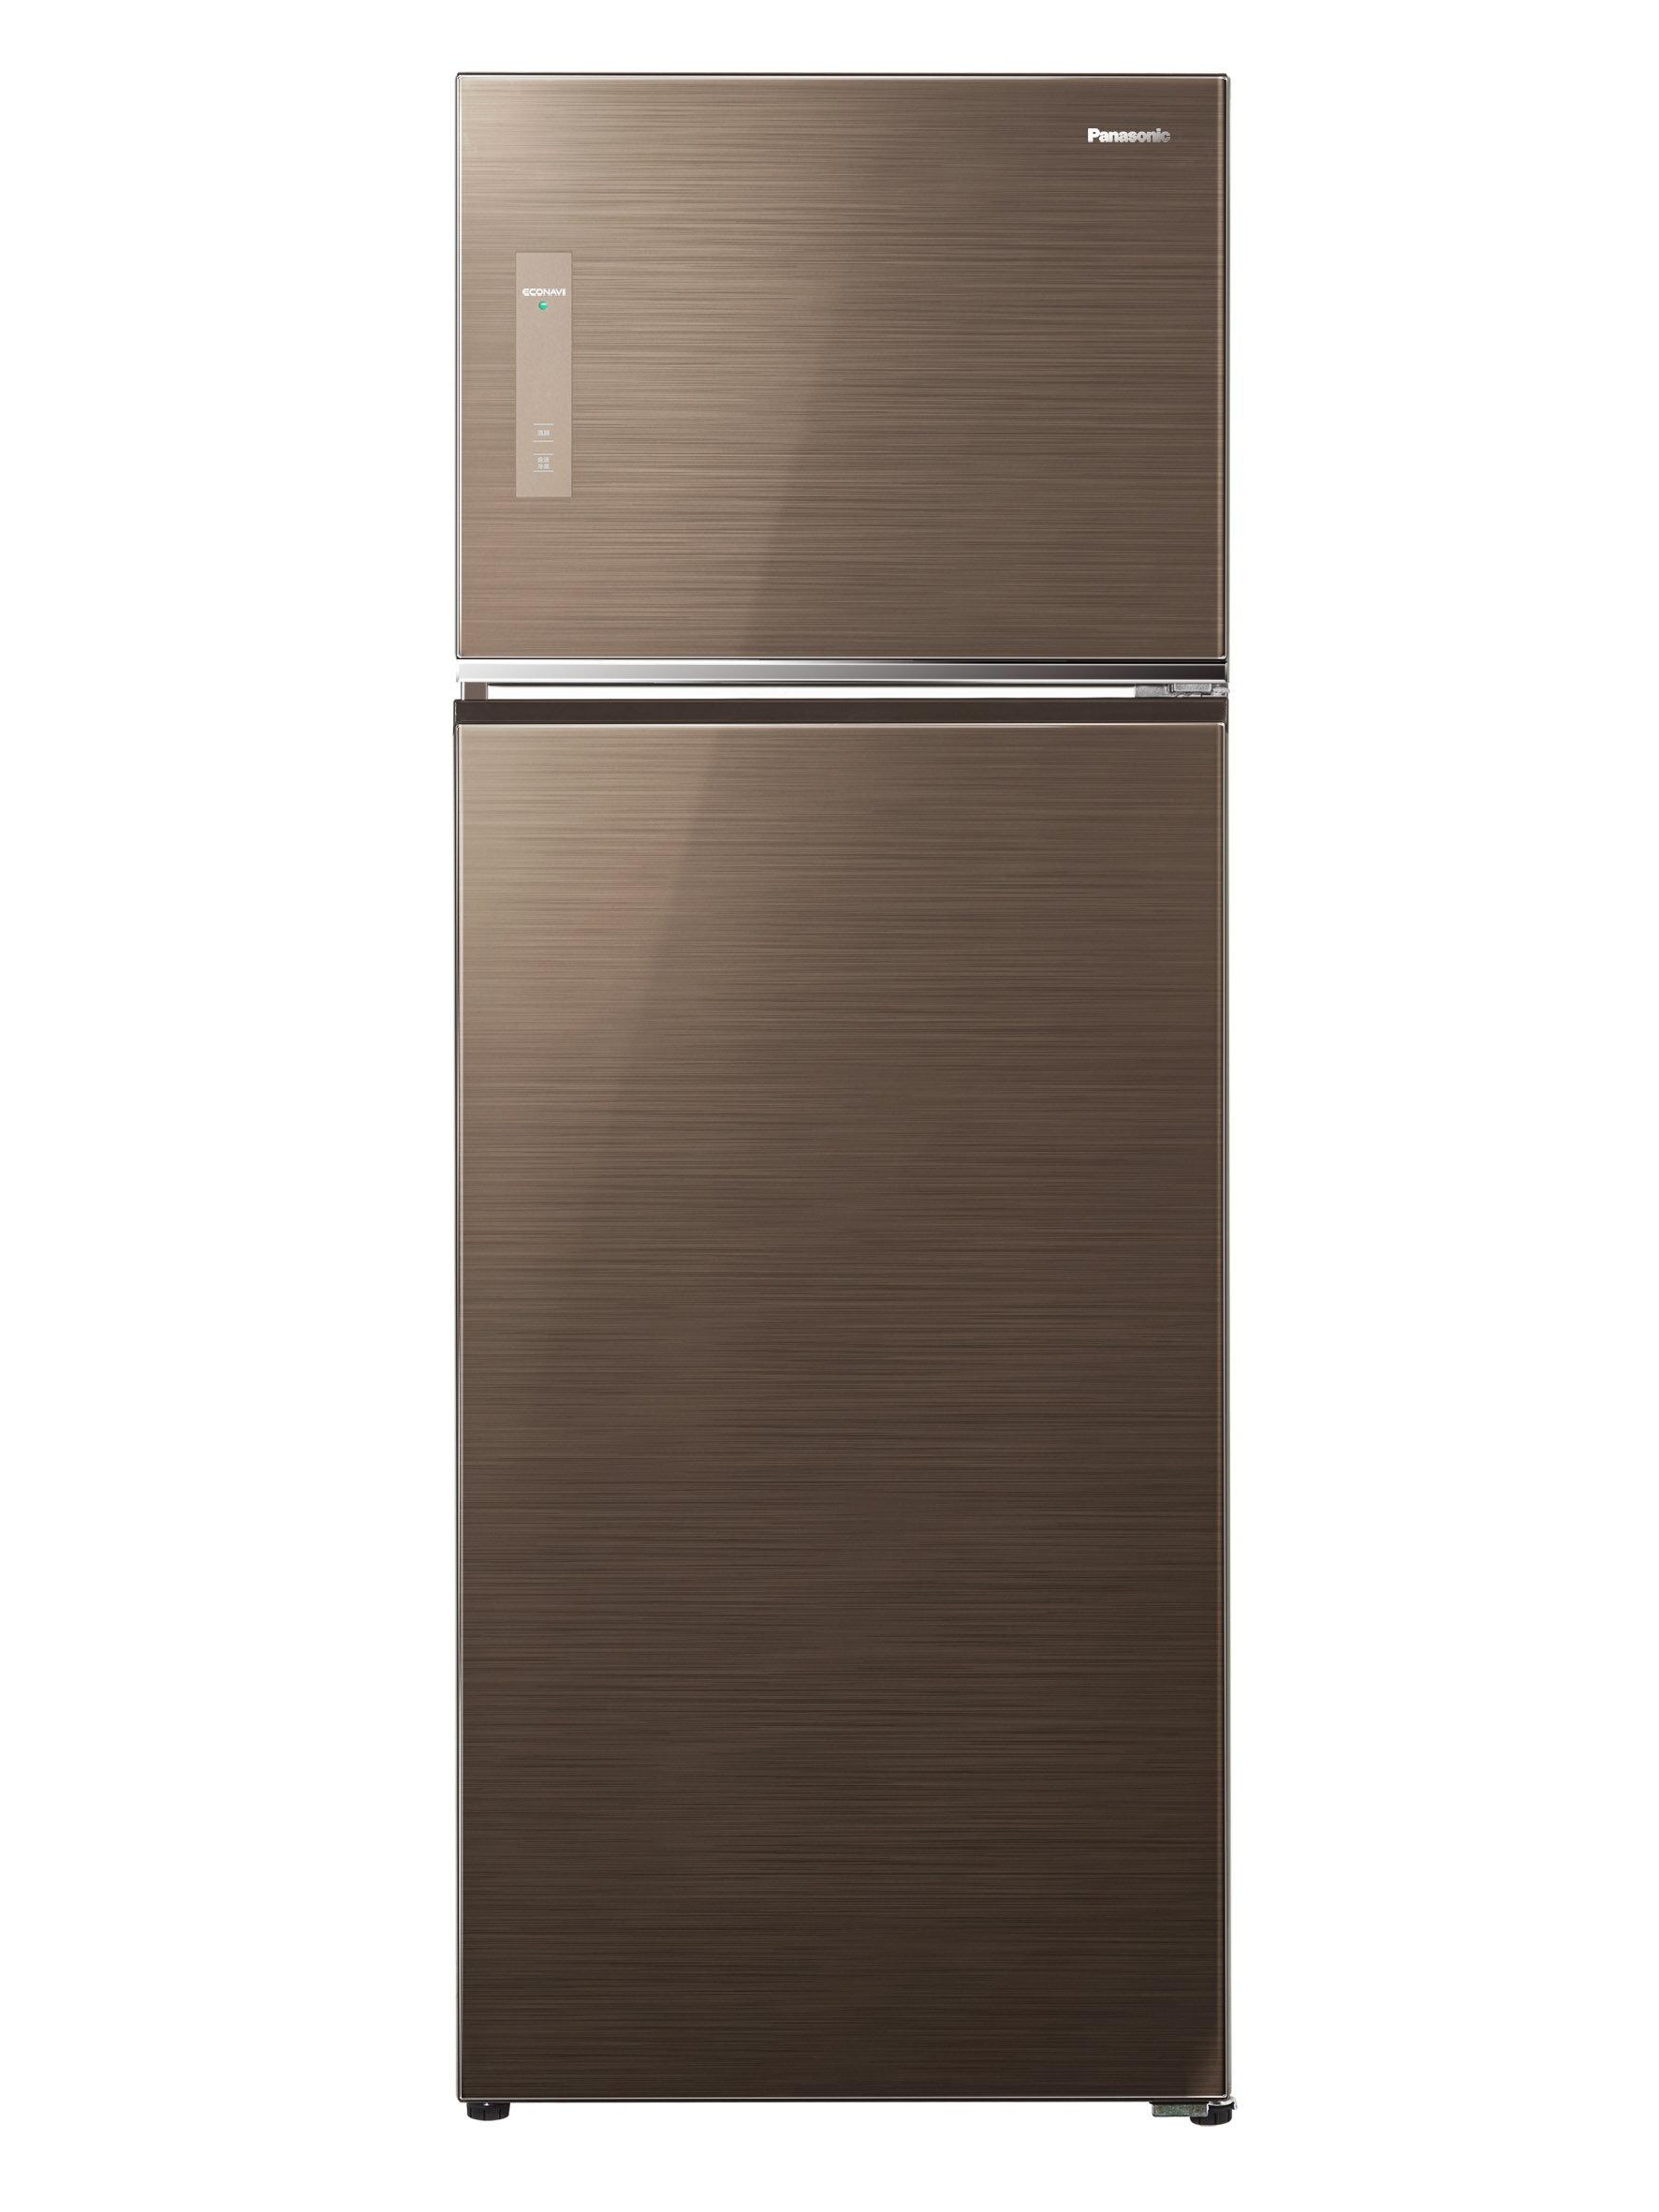 Panasonic 國際牌 485公升 智慧節能變頻二門冰箱 NR-B487TG-T